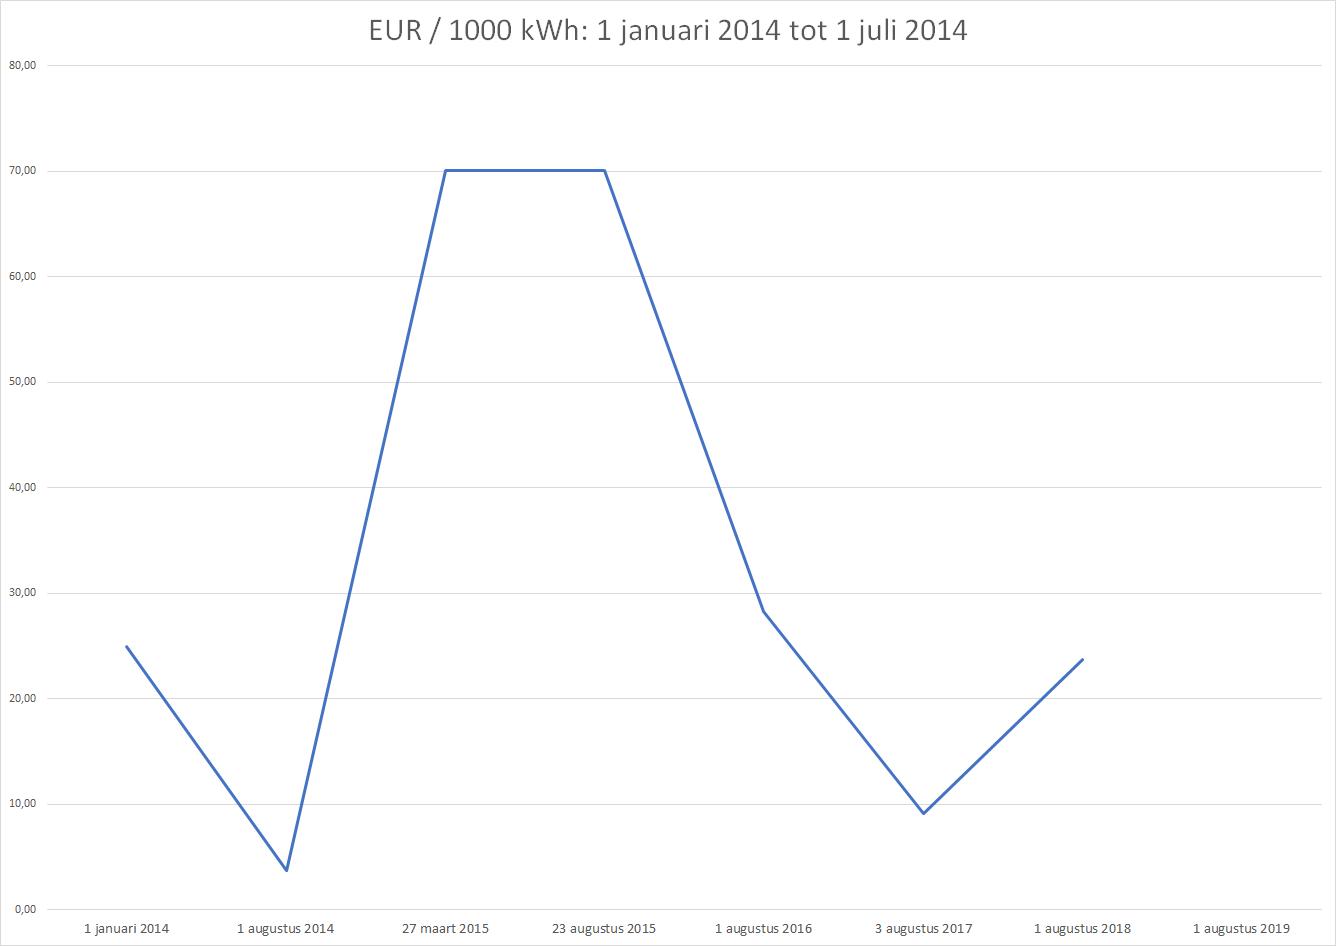 Grafiek Bandingfactoren kleine installaties in dienst genomen van 1_1_2014 tot 1_7_2014